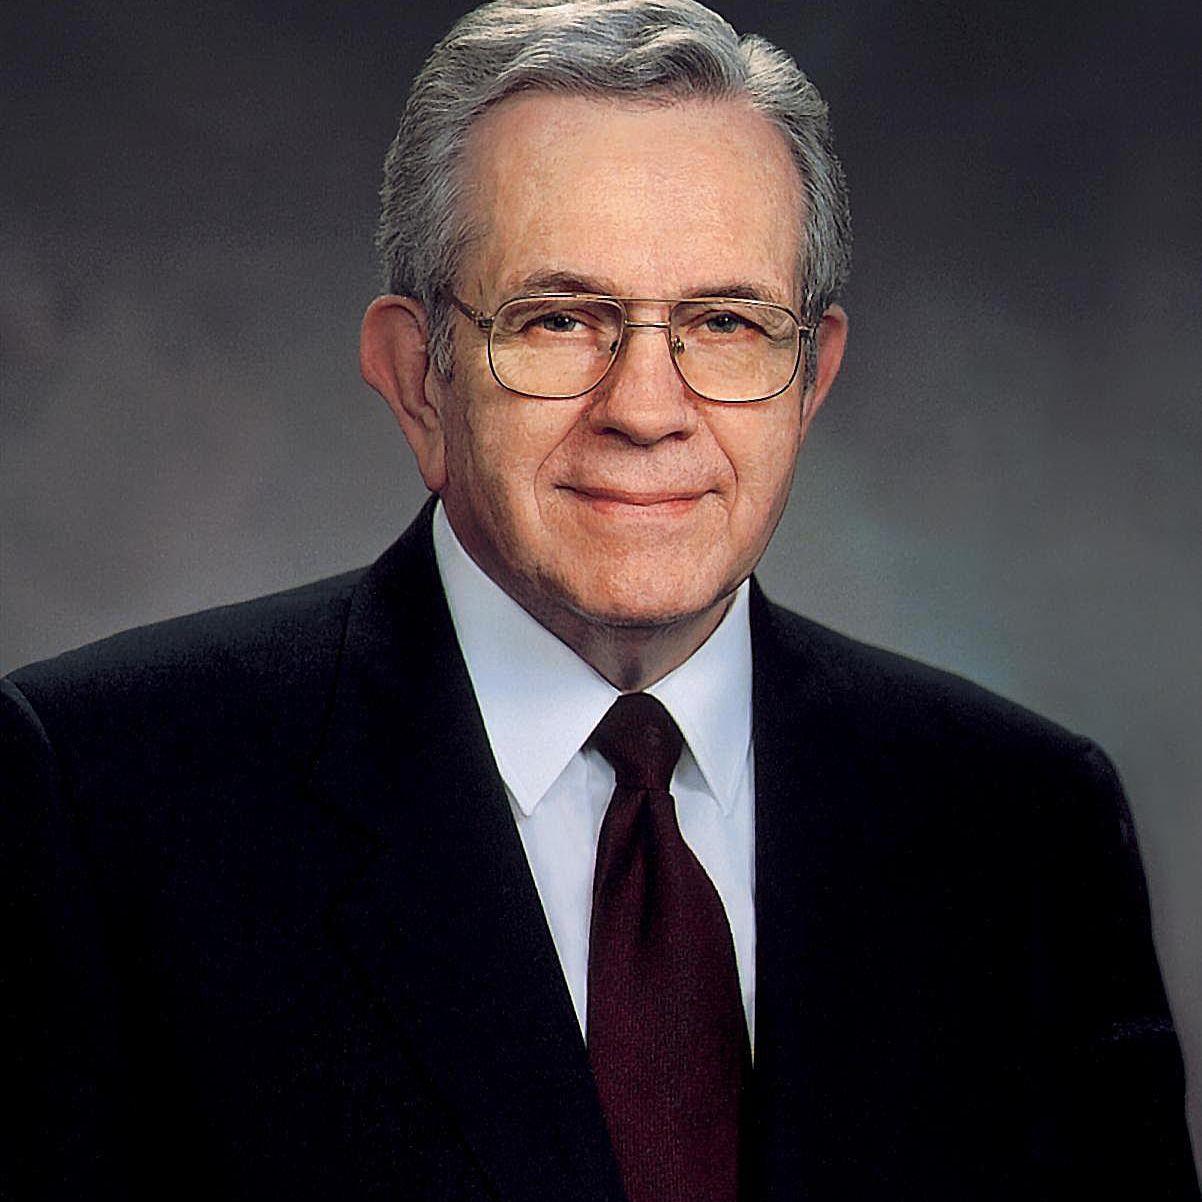 President Boyd K. Packer.